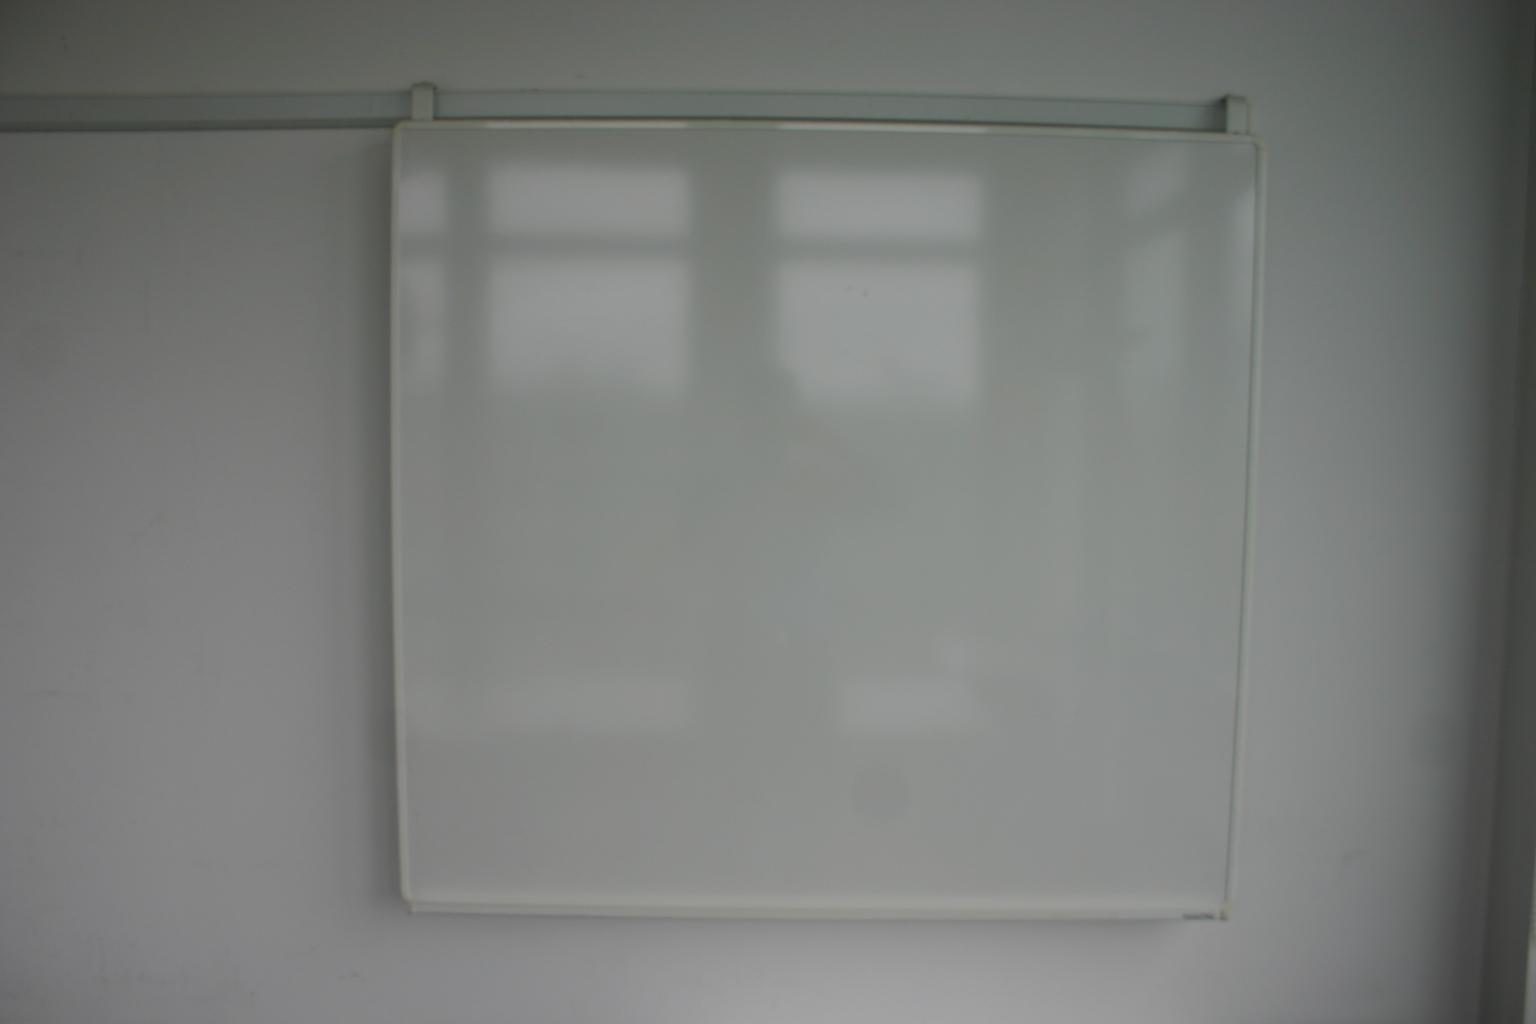 whiteboard mit wandschiene gr e 112 x 120 cm magnetisch. Black Bedroom Furniture Sets. Home Design Ideas